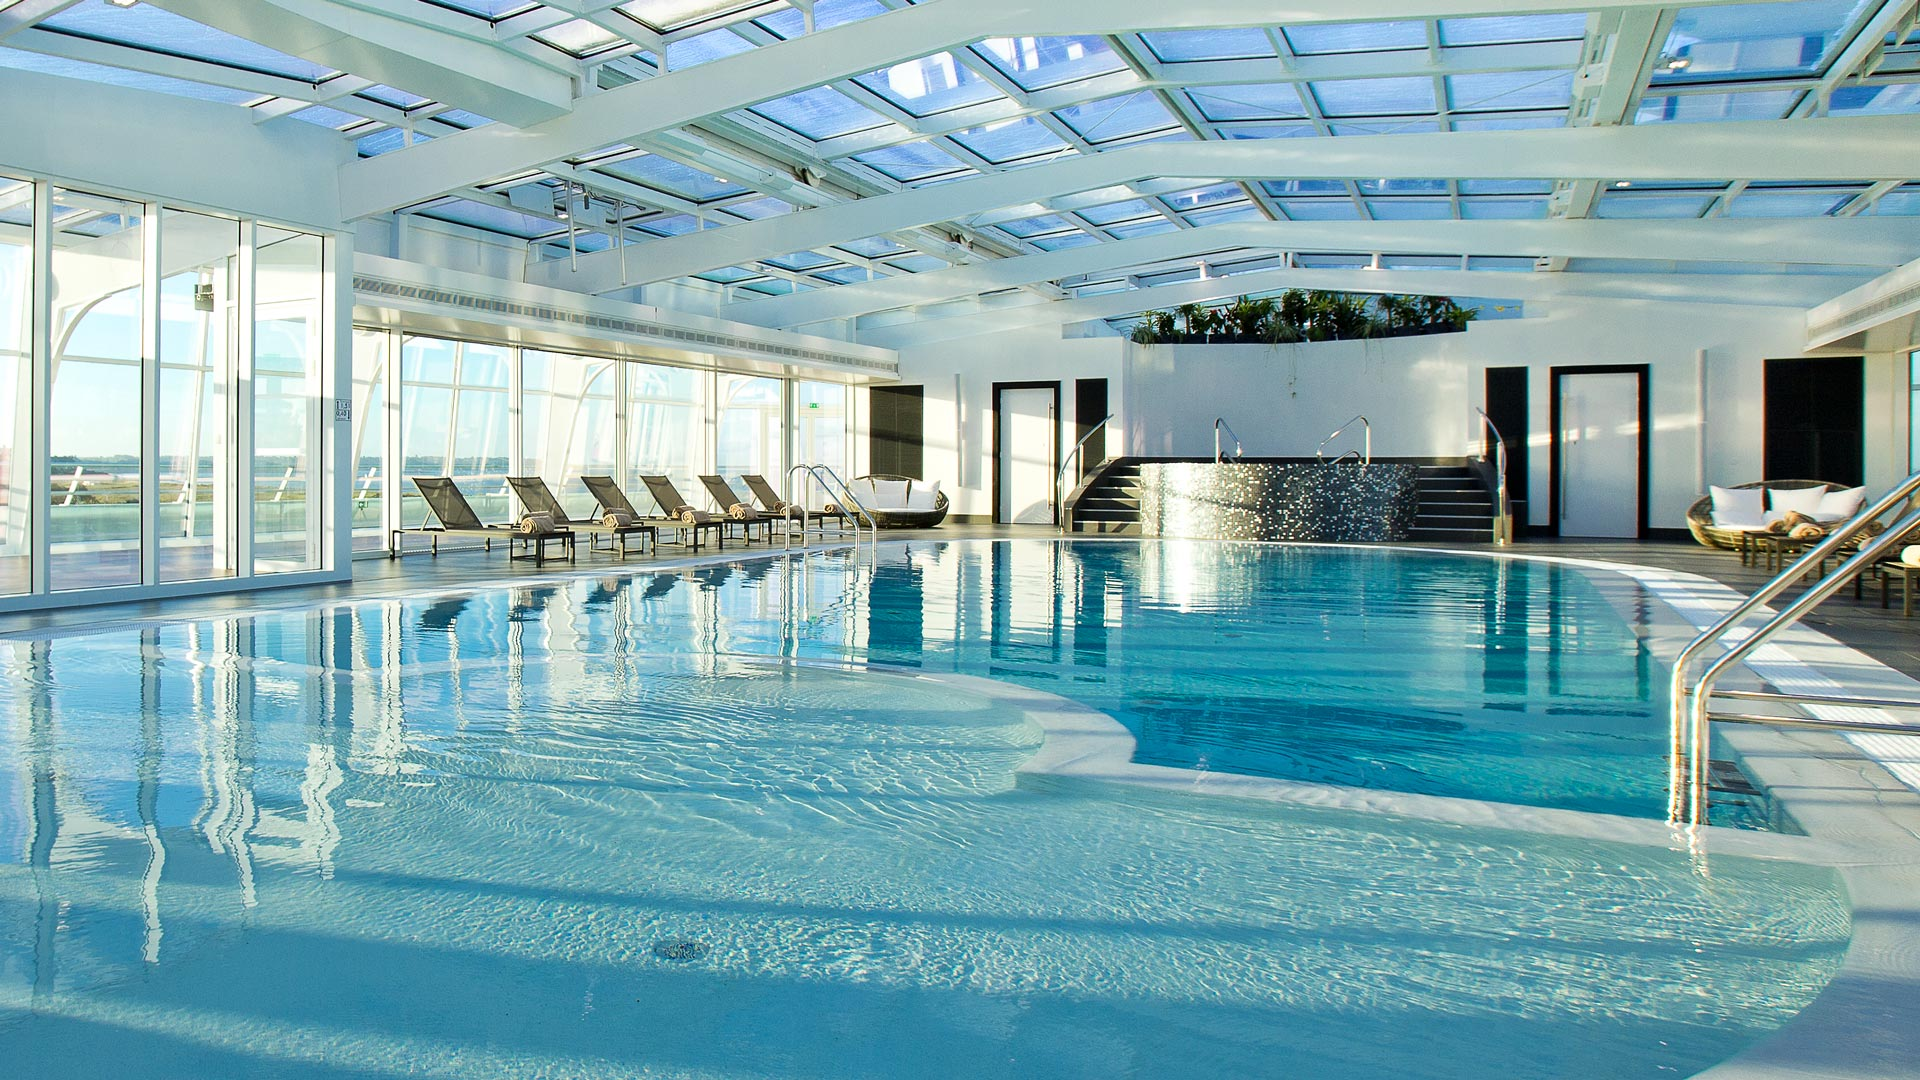 Miramar la cigale spa resort 33 0 for Hotel spa 13